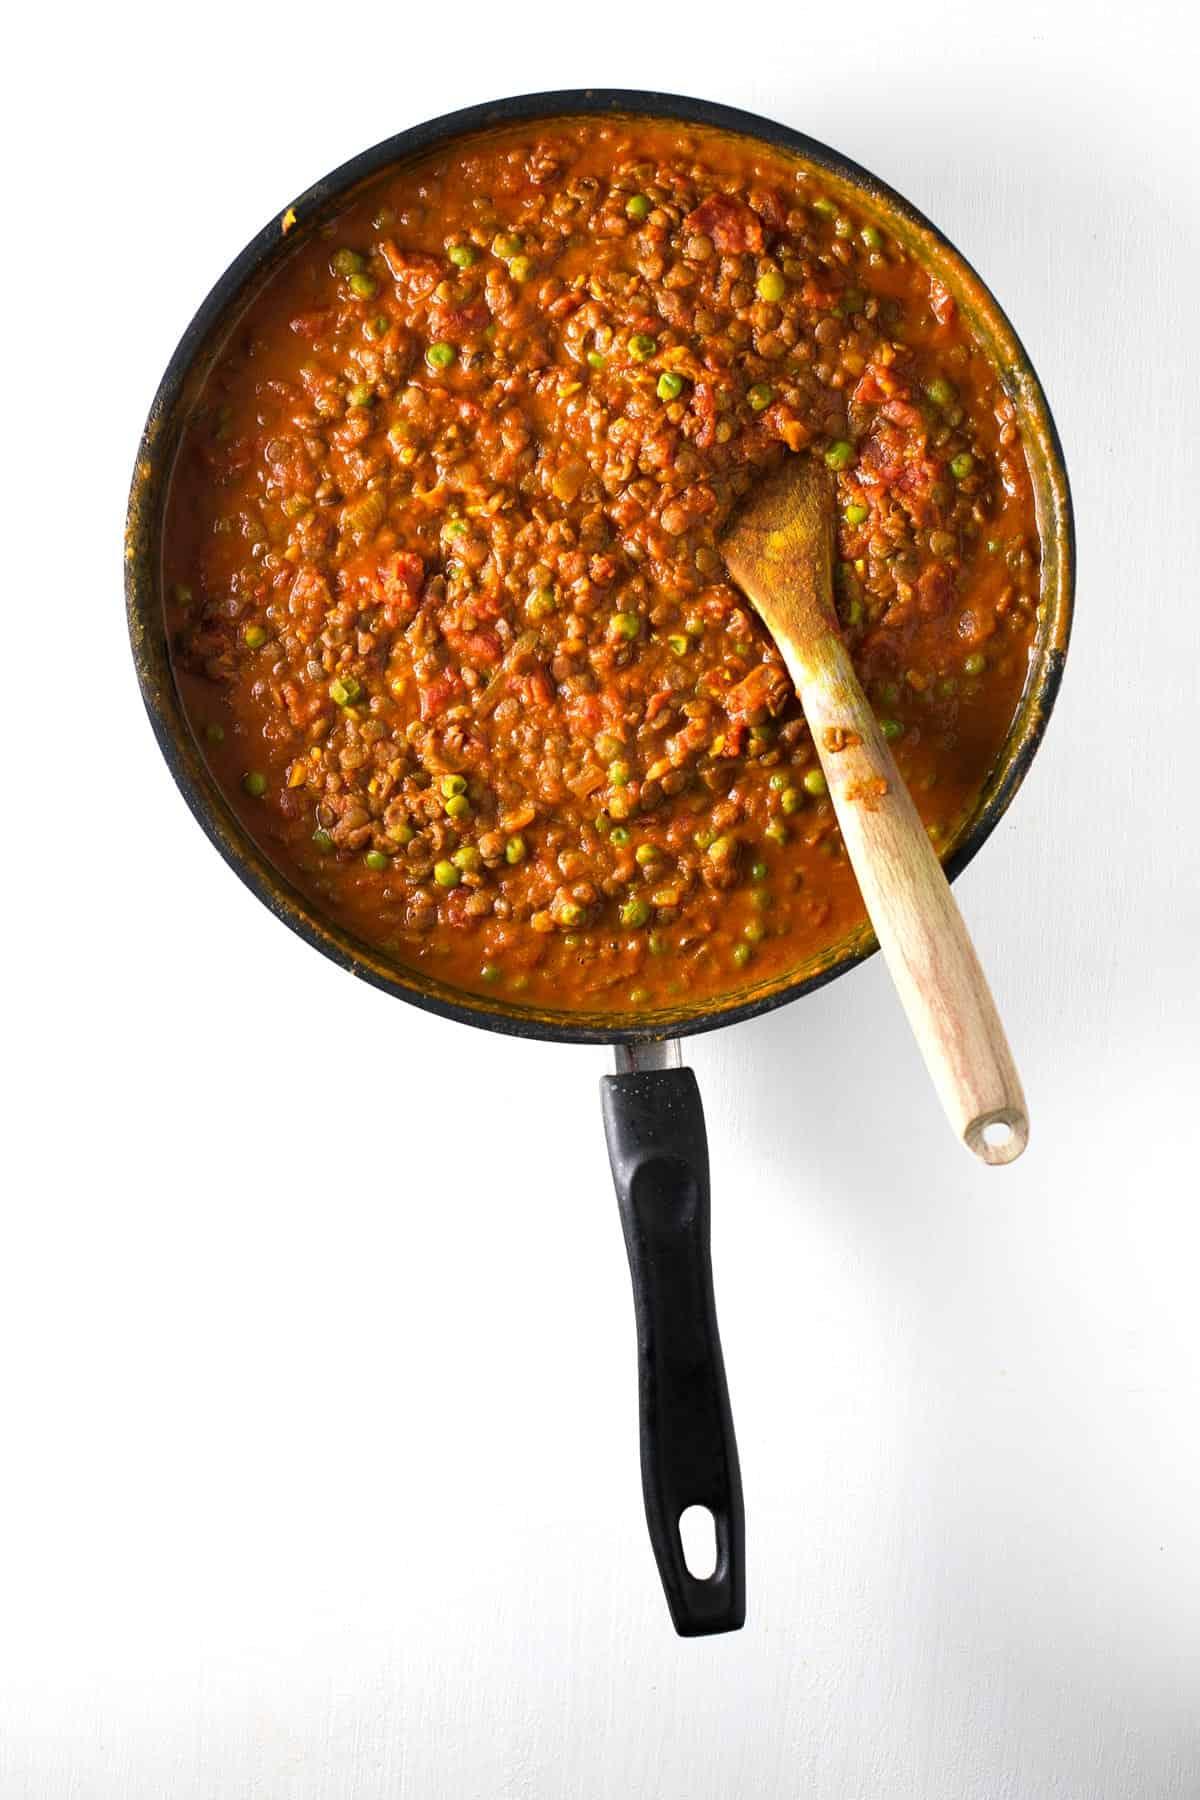 Curry de lentejas. - Este curry de lentejas es una versión mejorada de nuestra popular receta de lentejas al curry, está aún más rica y es igual de sencilla.